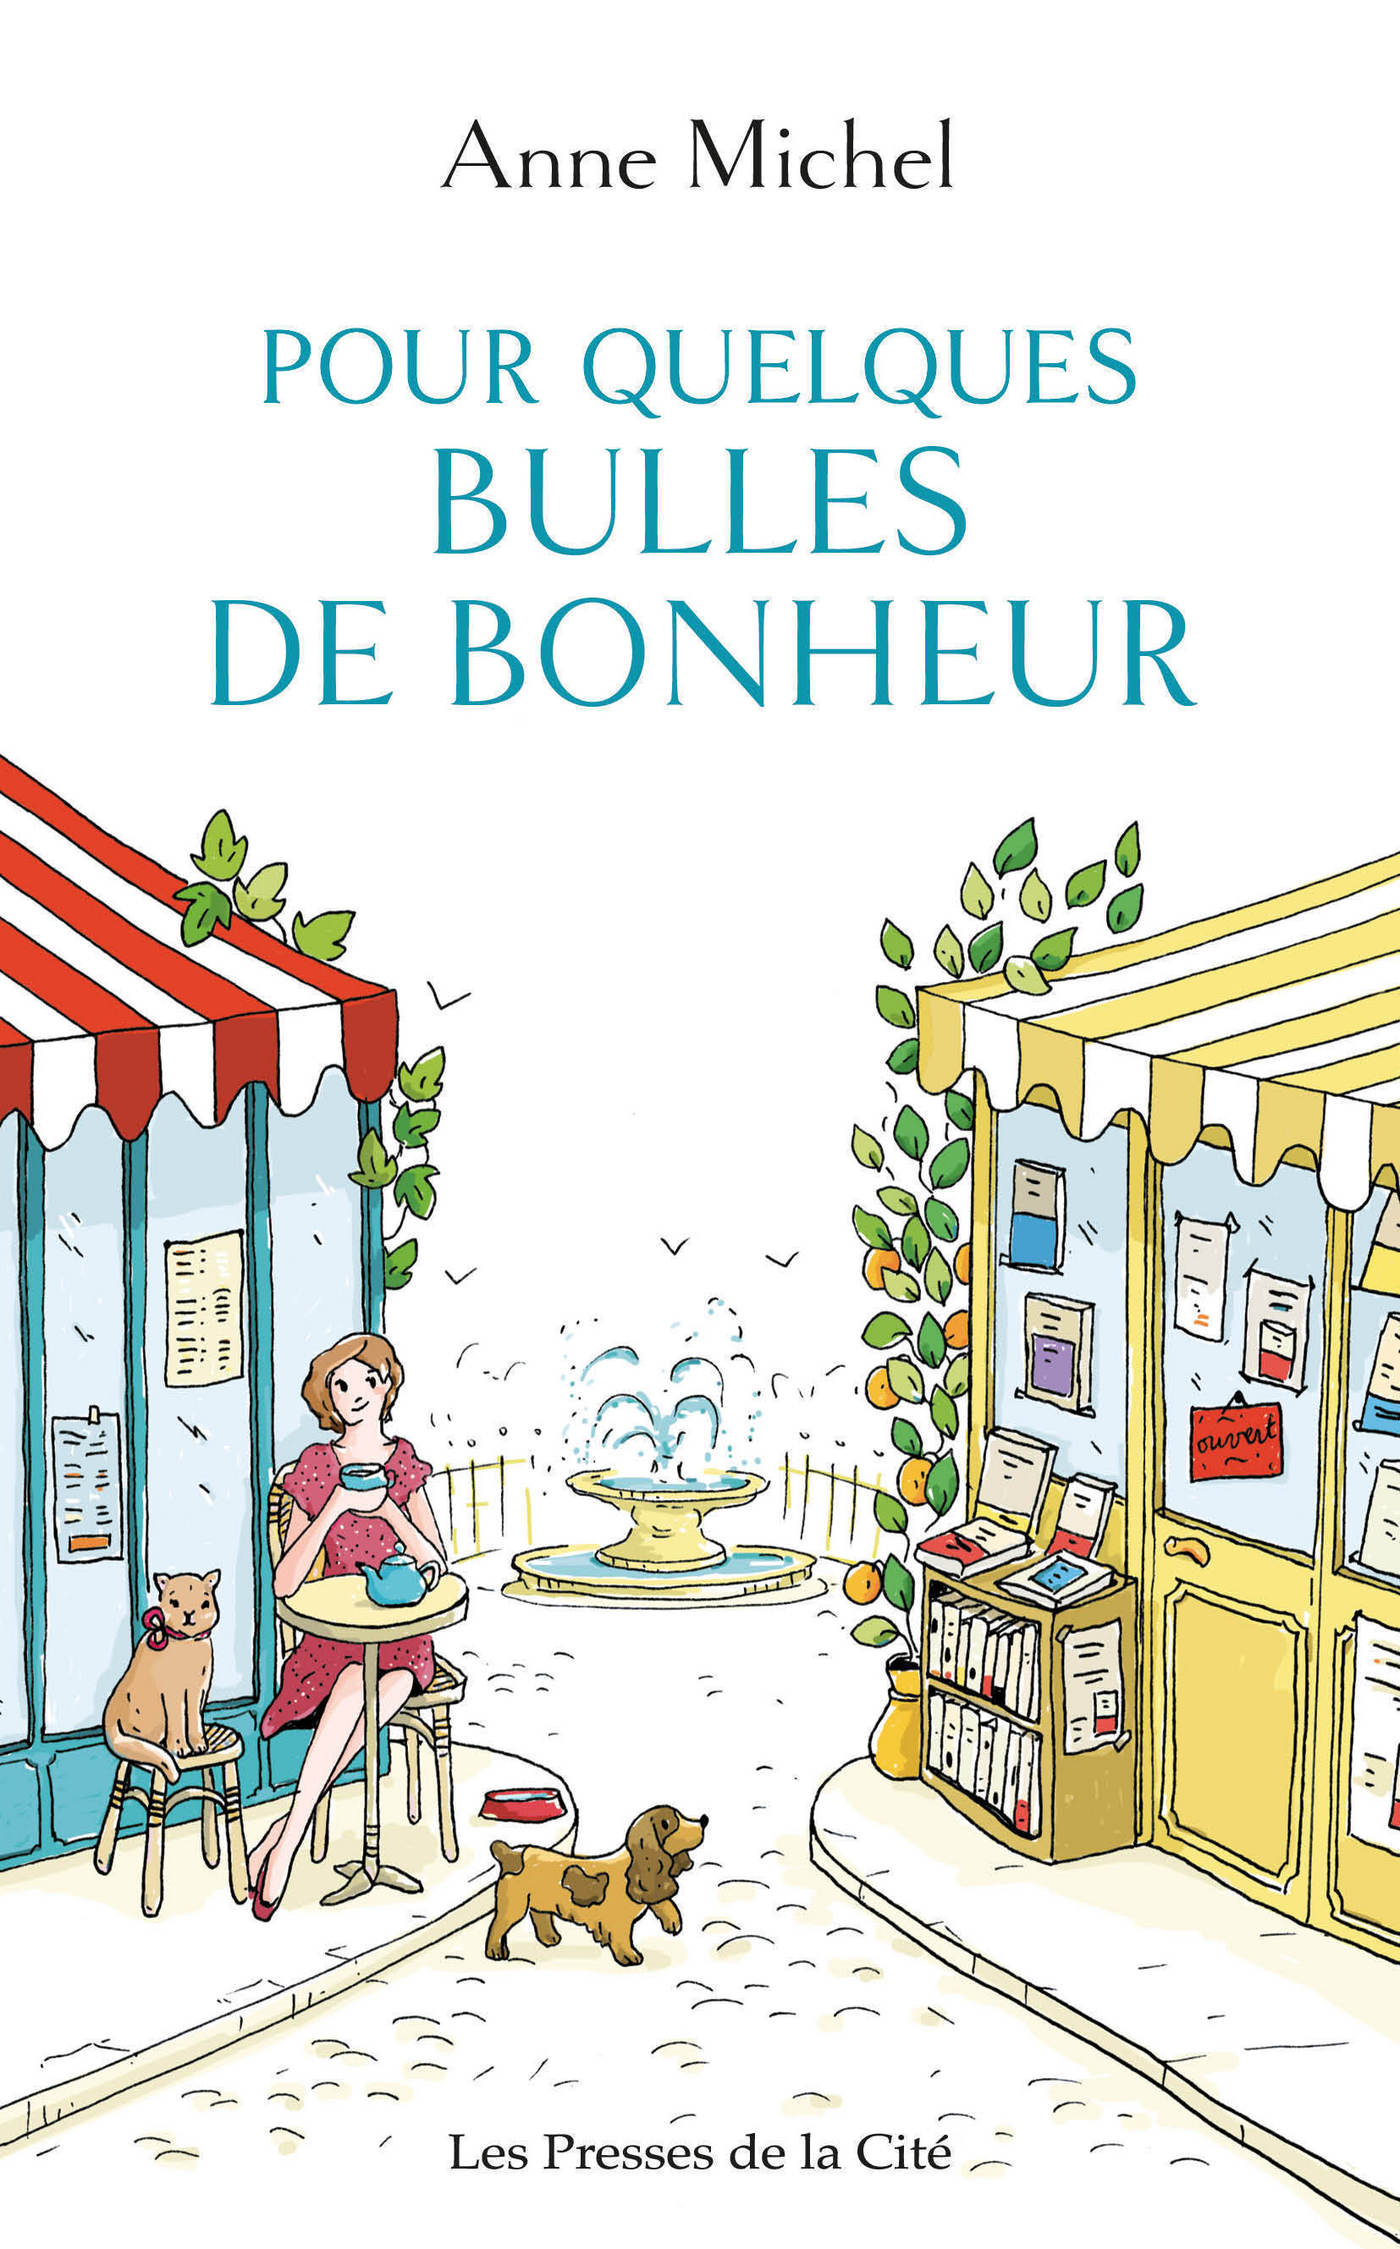 POUR QUELQUES BULLES DE BONHEUR